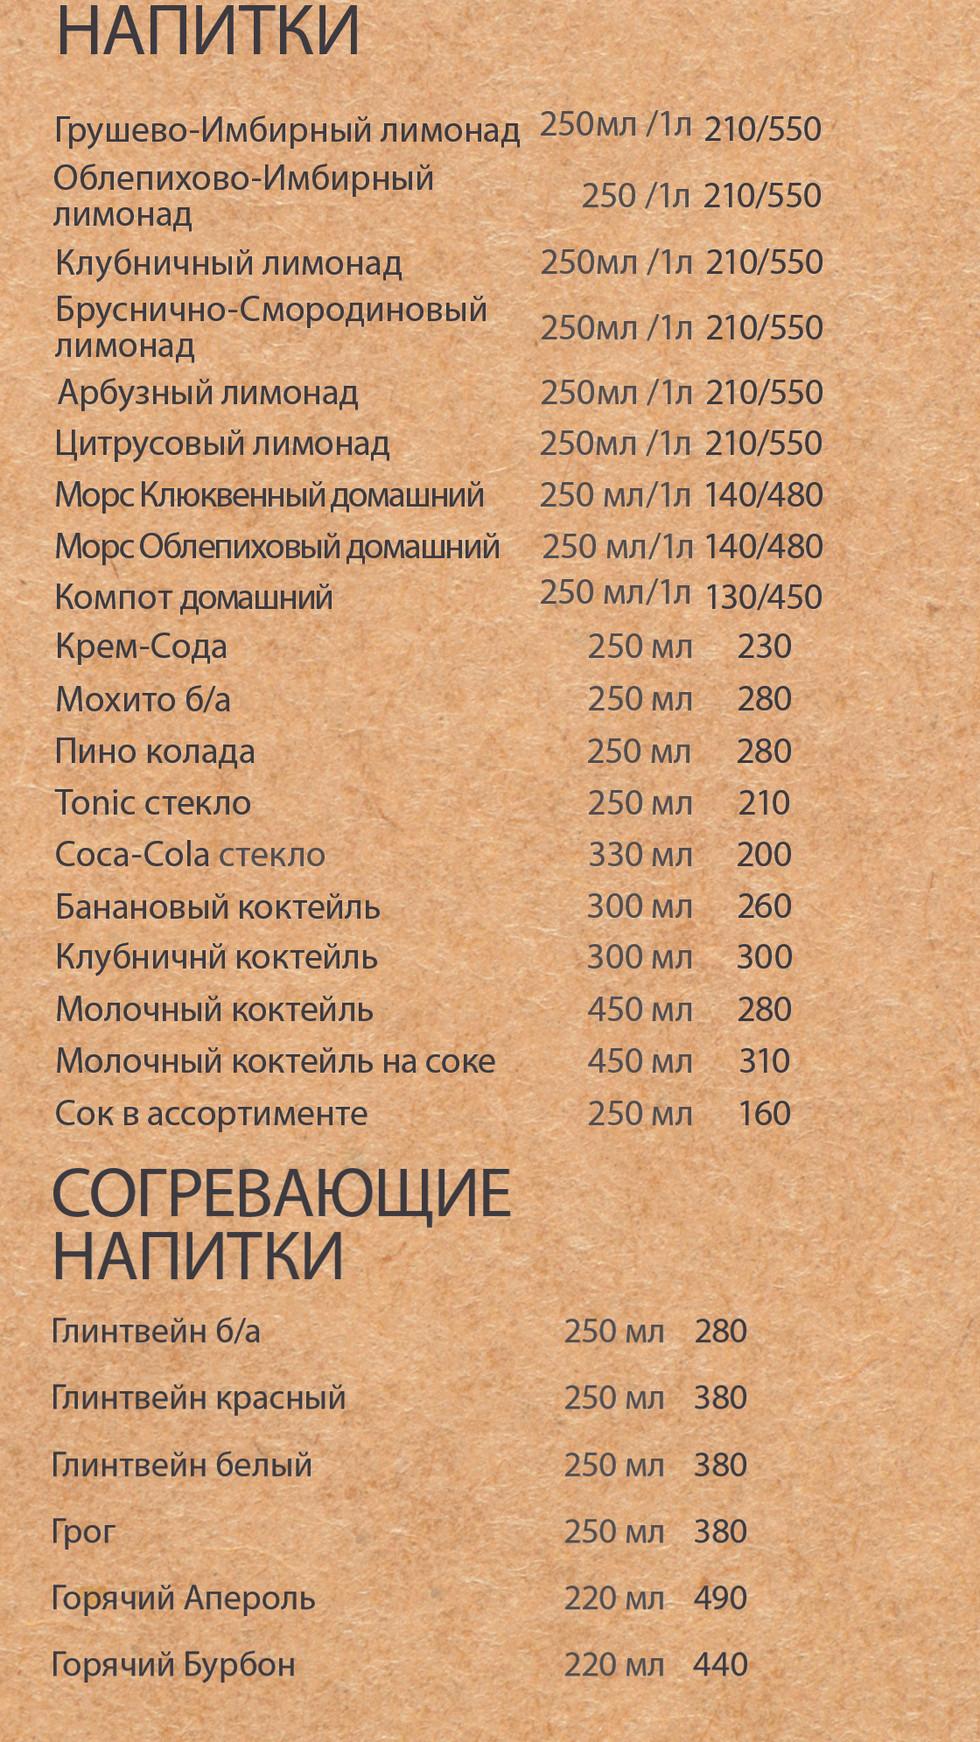 напитки.jpg